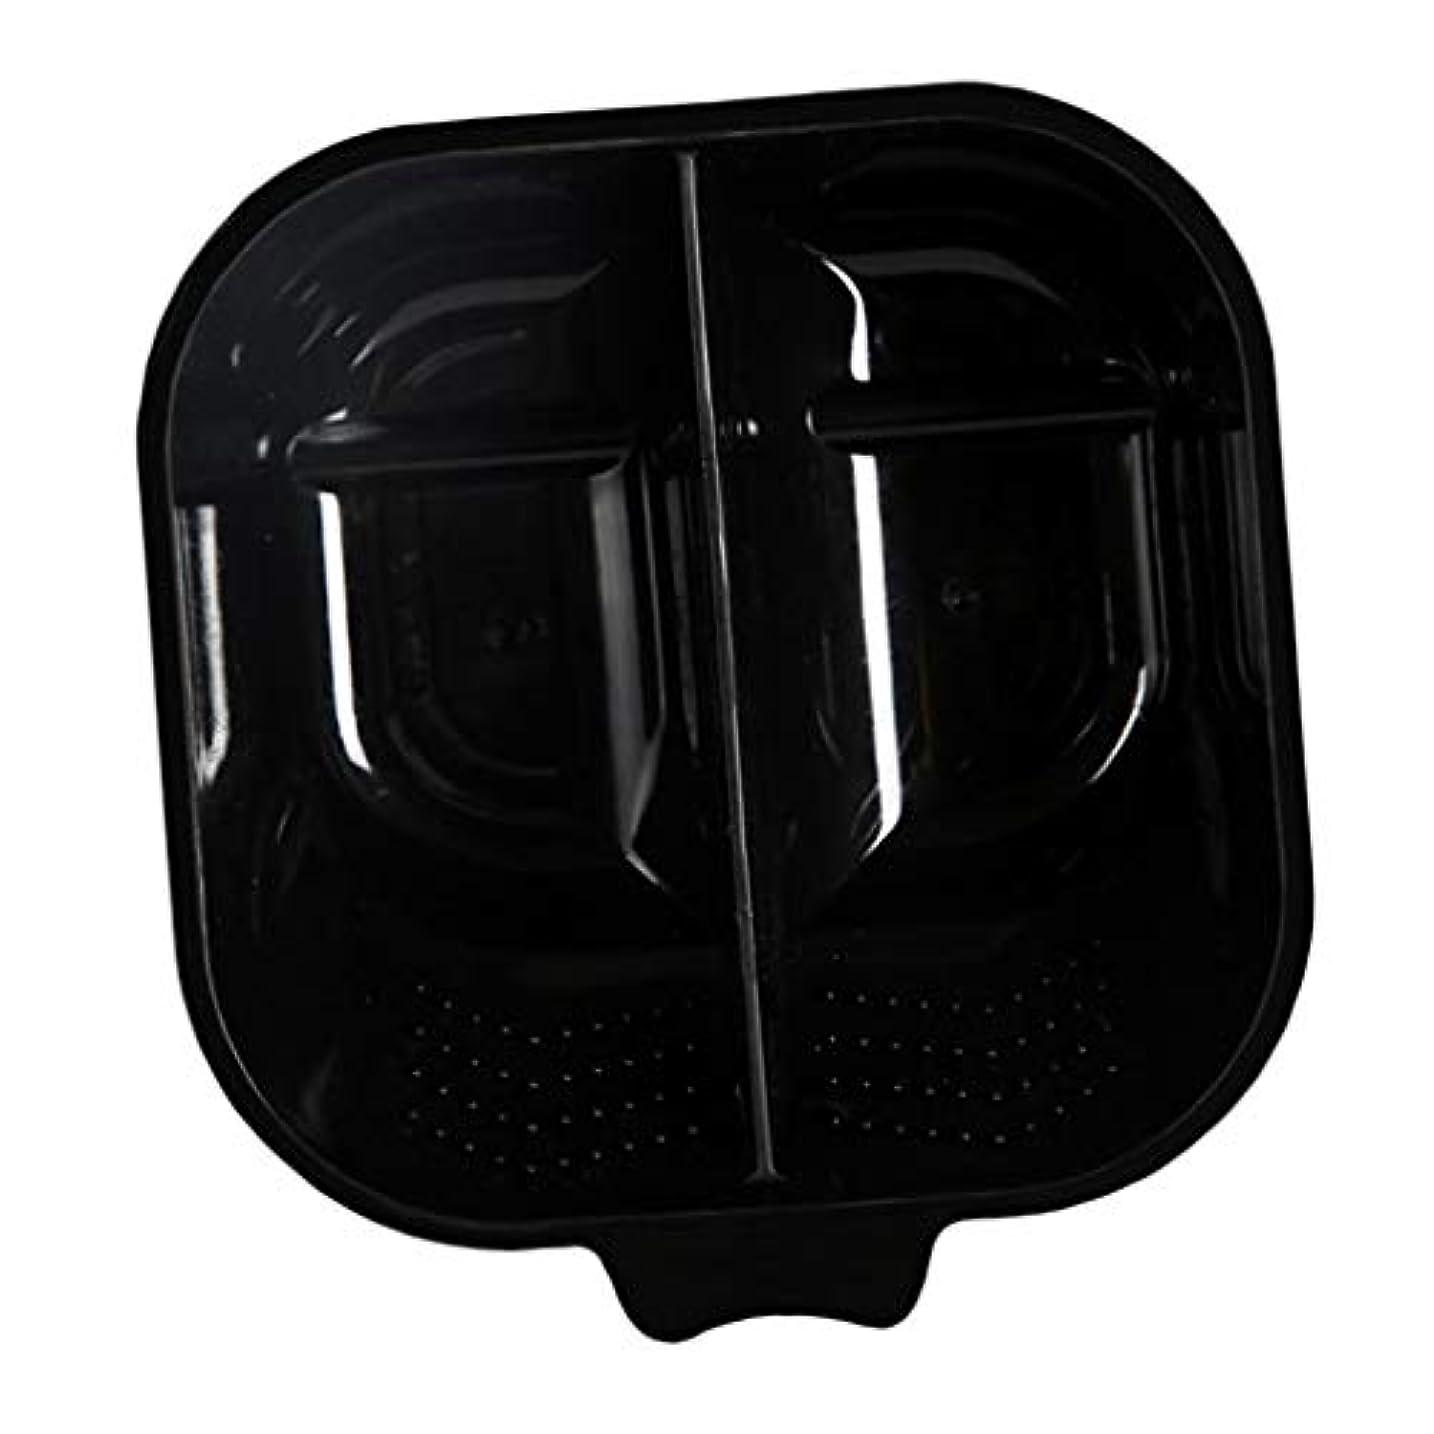 男らしさ倍率息切れヘアカラーリング用品 ヘアカラーボウル ヘアカラープレート 毛染め 染料 混ぜる サロン プロ用品 - ブラック